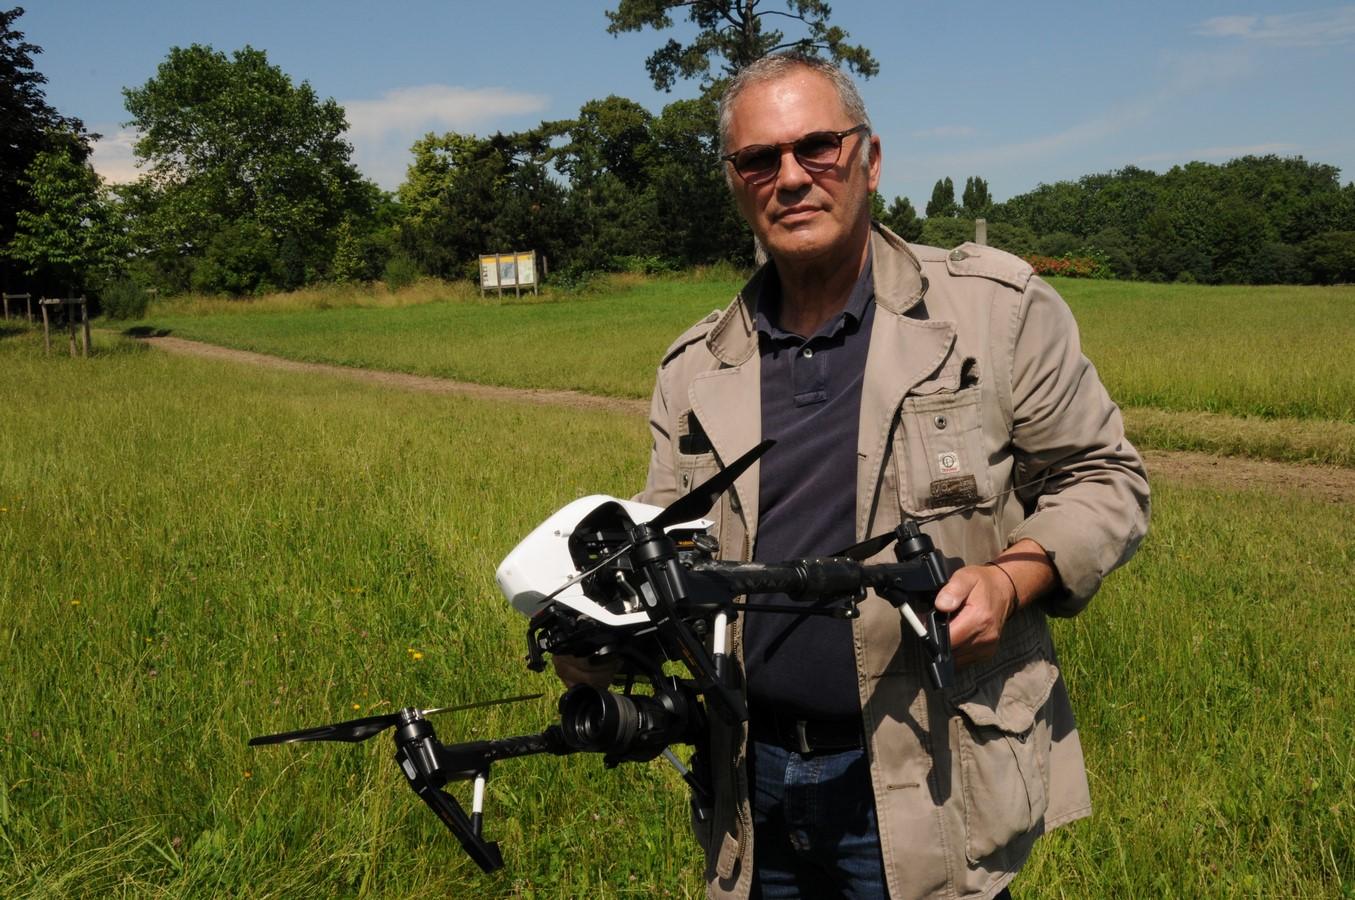 005-alain-dubat-drone-paris-juin-2016-cp-2-copier